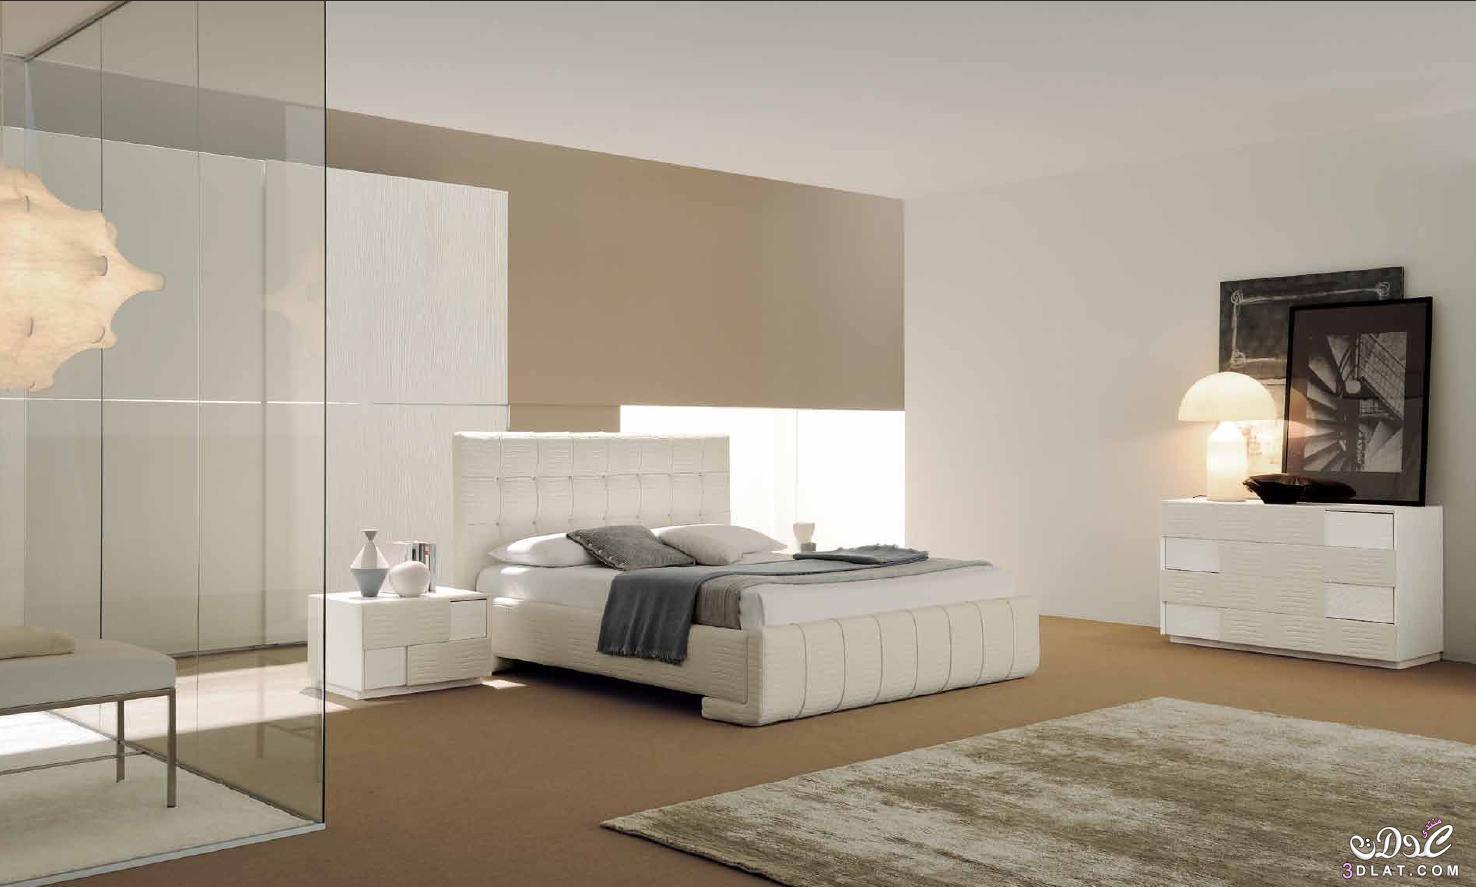 غرف نوم 2018 ايكيا للعرسان , صور غرف نوم , ديكورات غرف نوم ,غرف